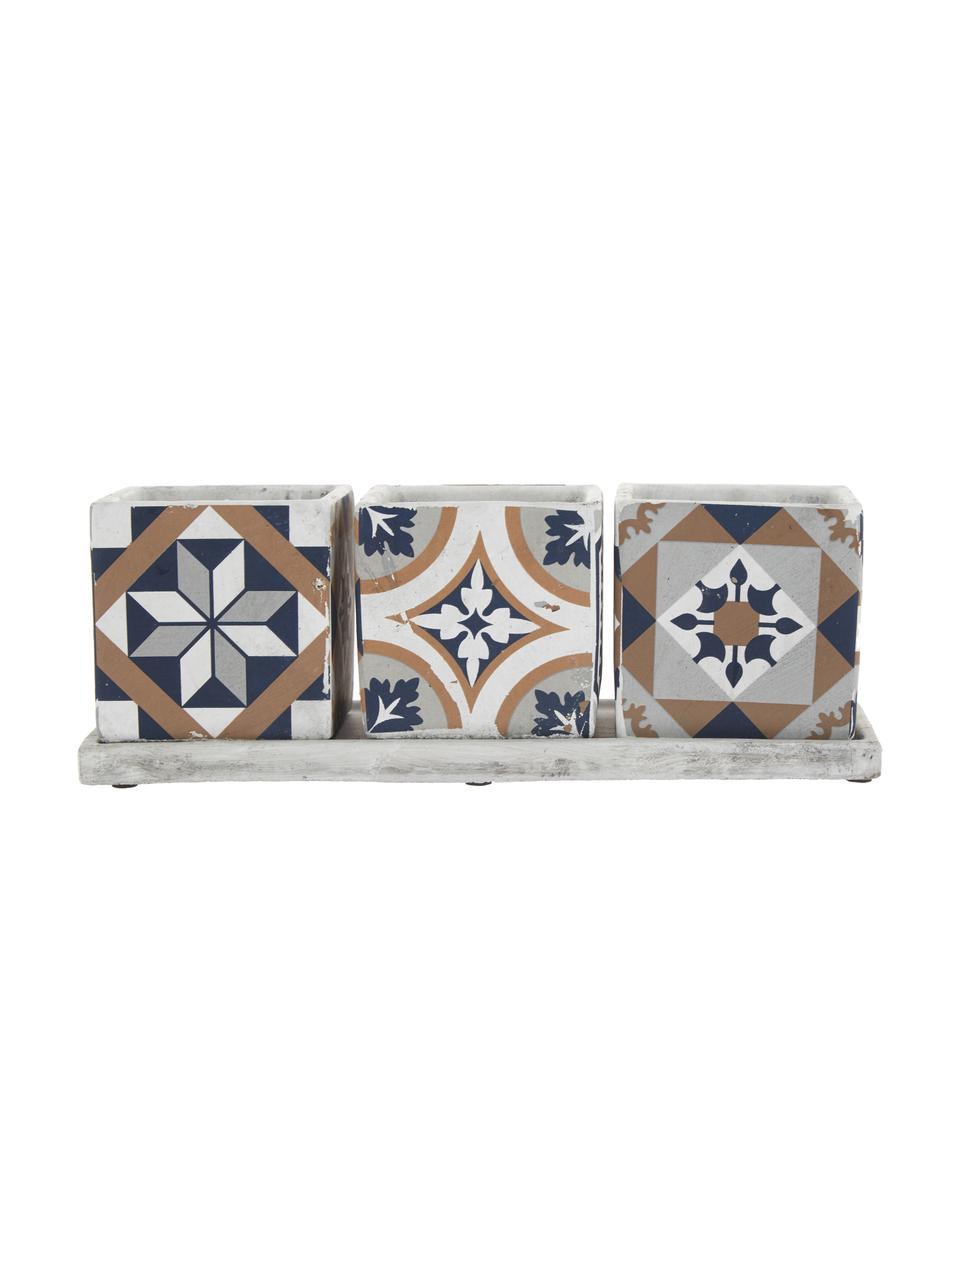 XL Übertopf-Set Portugal aus Beton, 4-tlg., Beton, Mehrfarbig, 36 x 13 cm